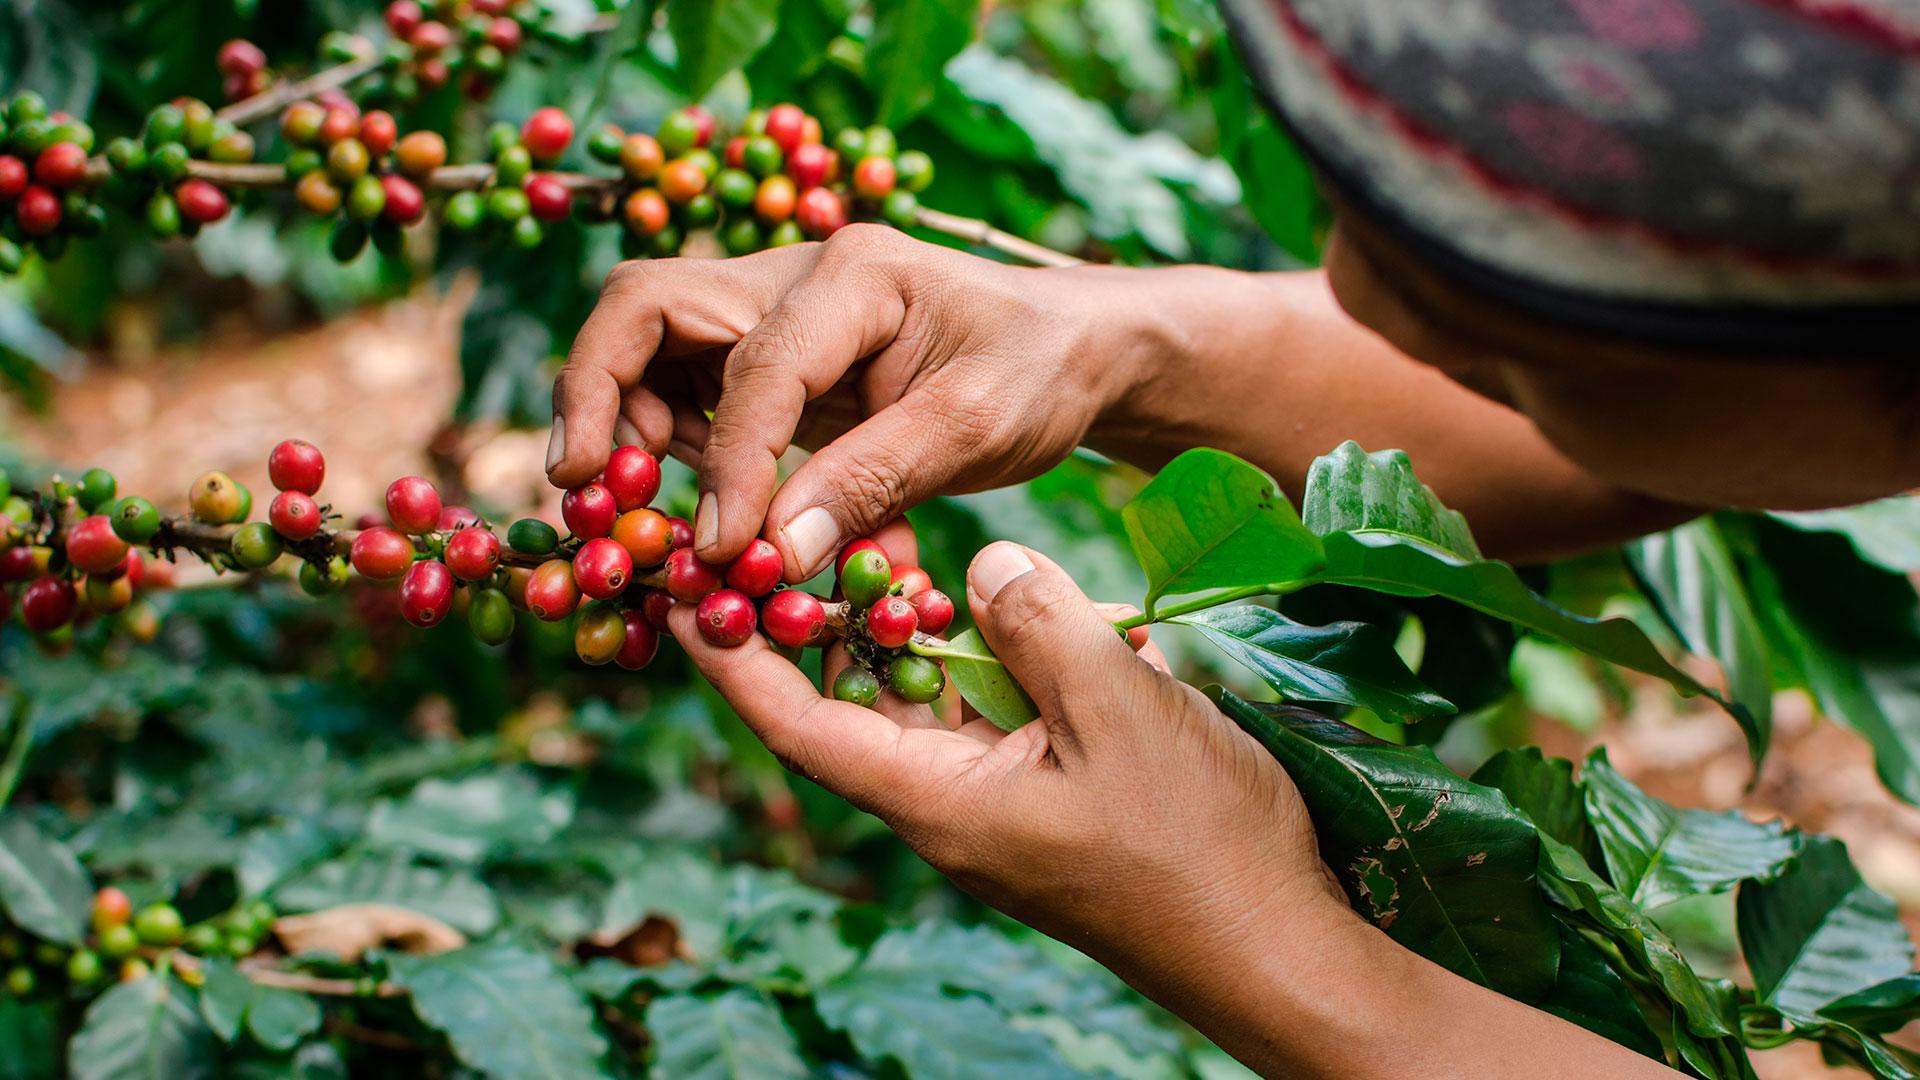 El grano se empacó en 1,2 millones de sacos. Producción cafetera creció 11,4% en junio   EL FRENTE